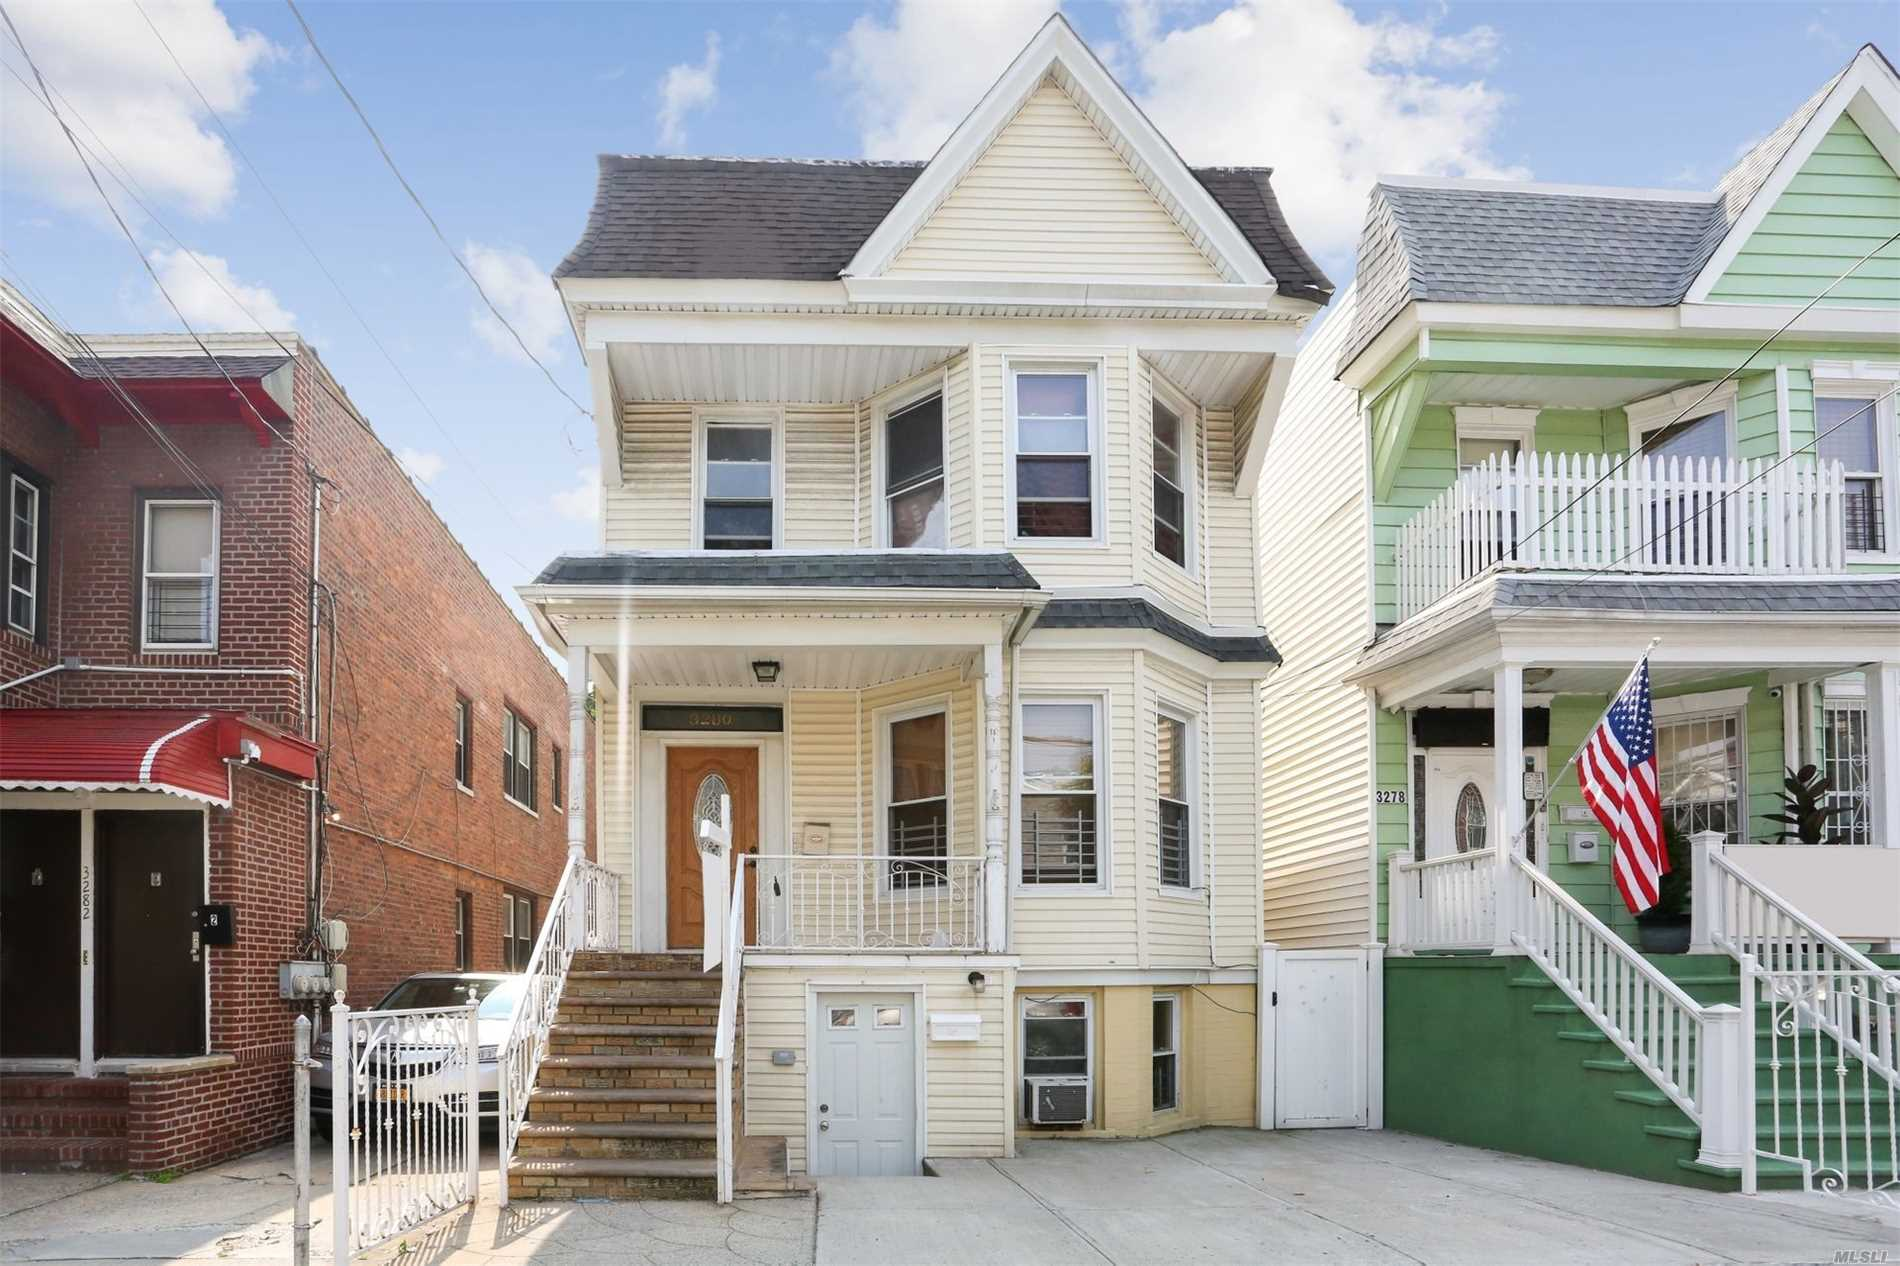 3280 Perry Ave Bronx, NY 10464